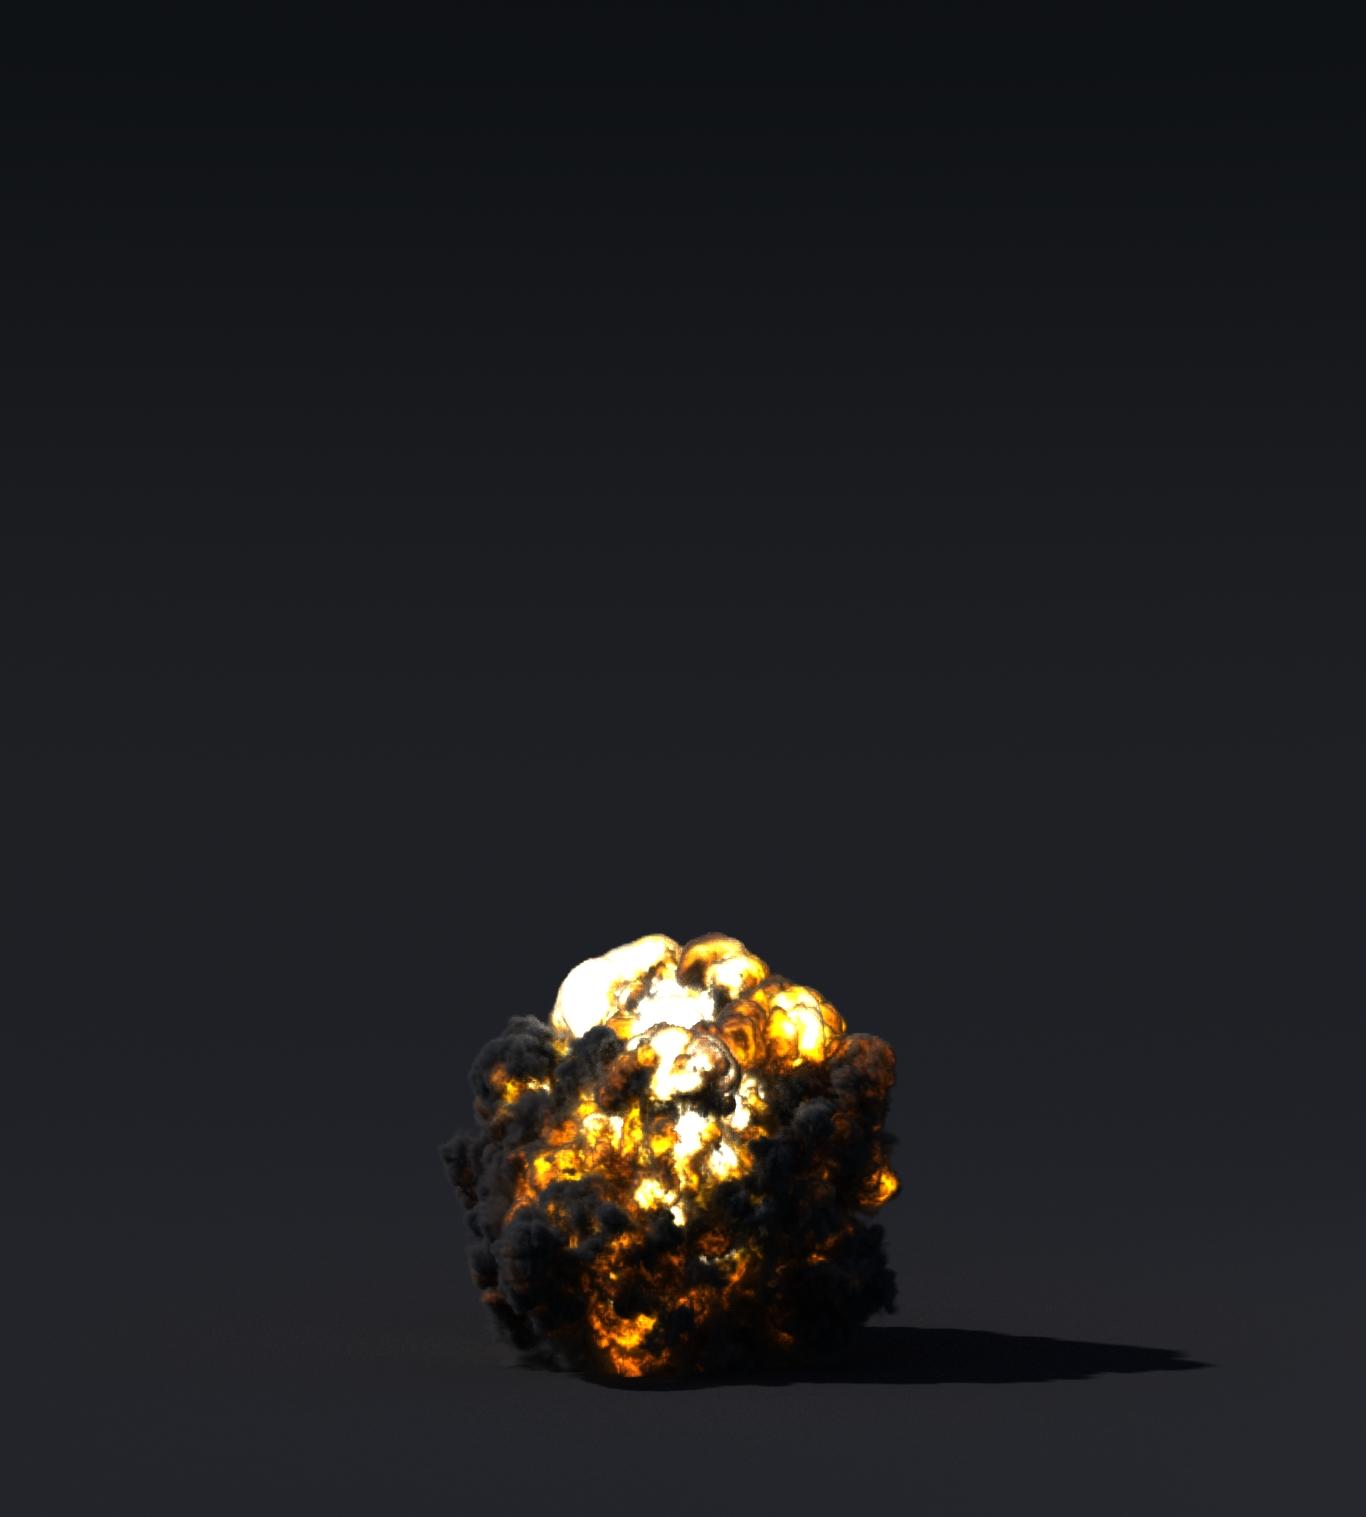 explosion.0026.jpg